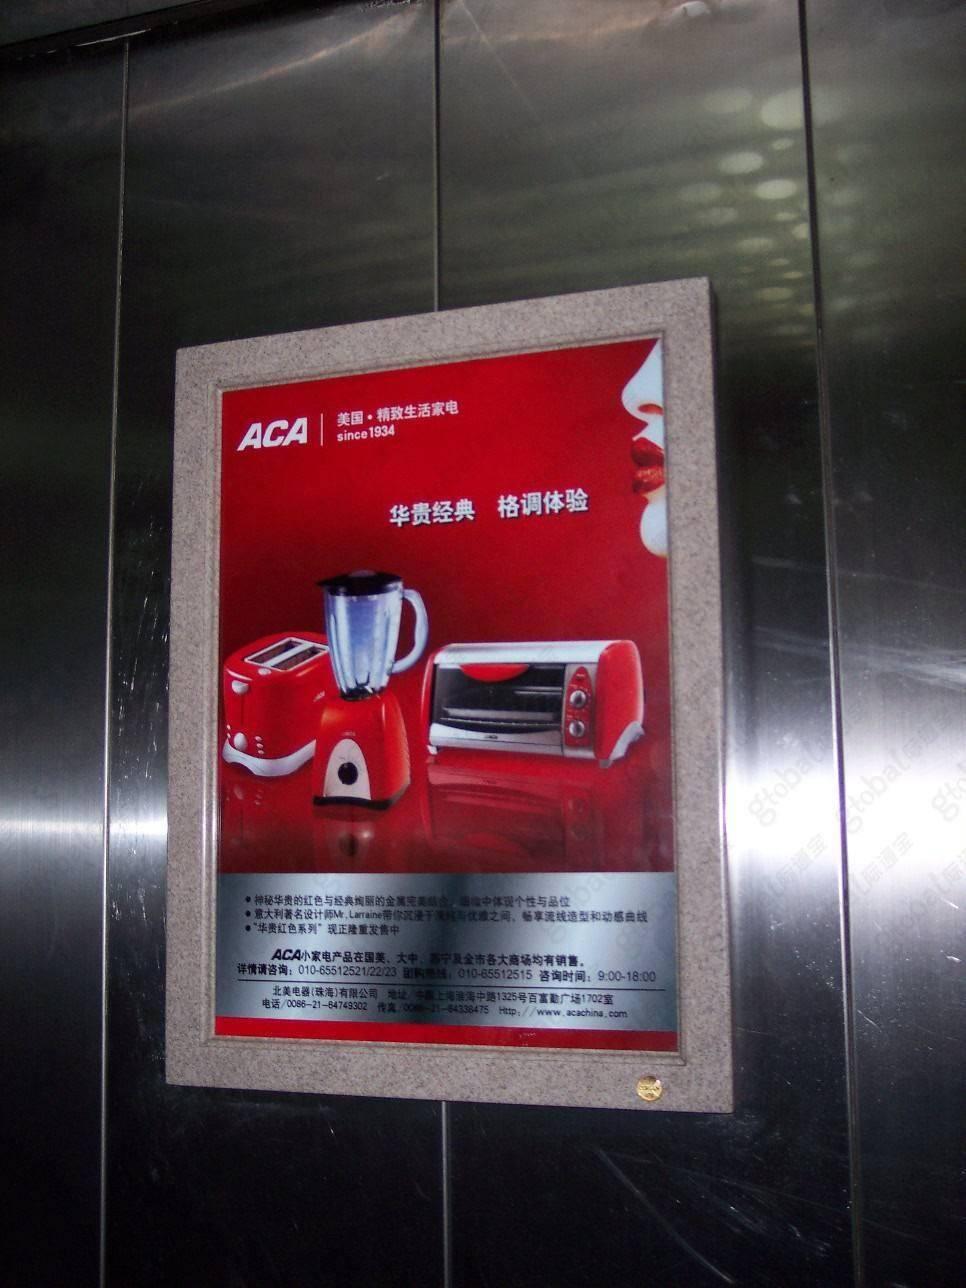 葫芦岛电梯广告公司广告牌框架3.0投放(100框起投)